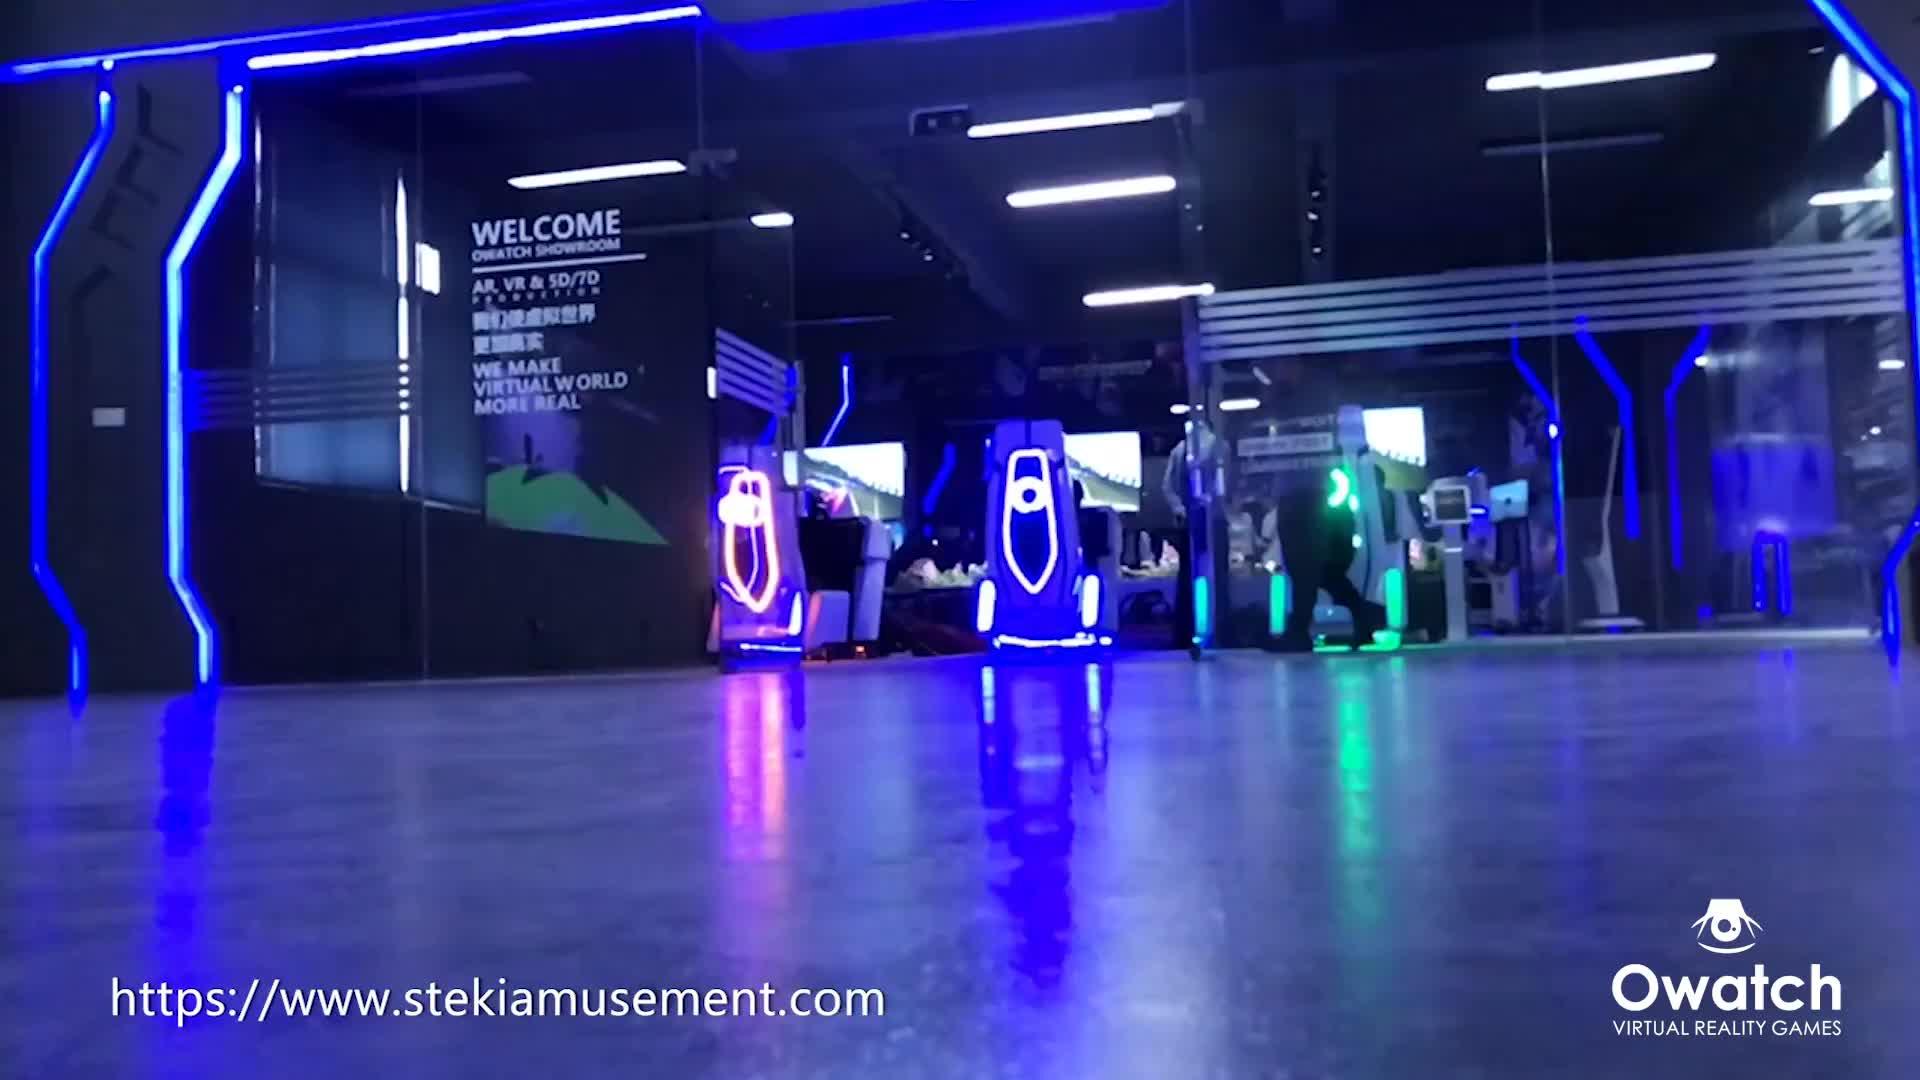 قوانغدونغ أفضل 10 VR متنزه مورد كبير أطفال رخيصة مُعدات ساحة لعب بحضانة أطفال